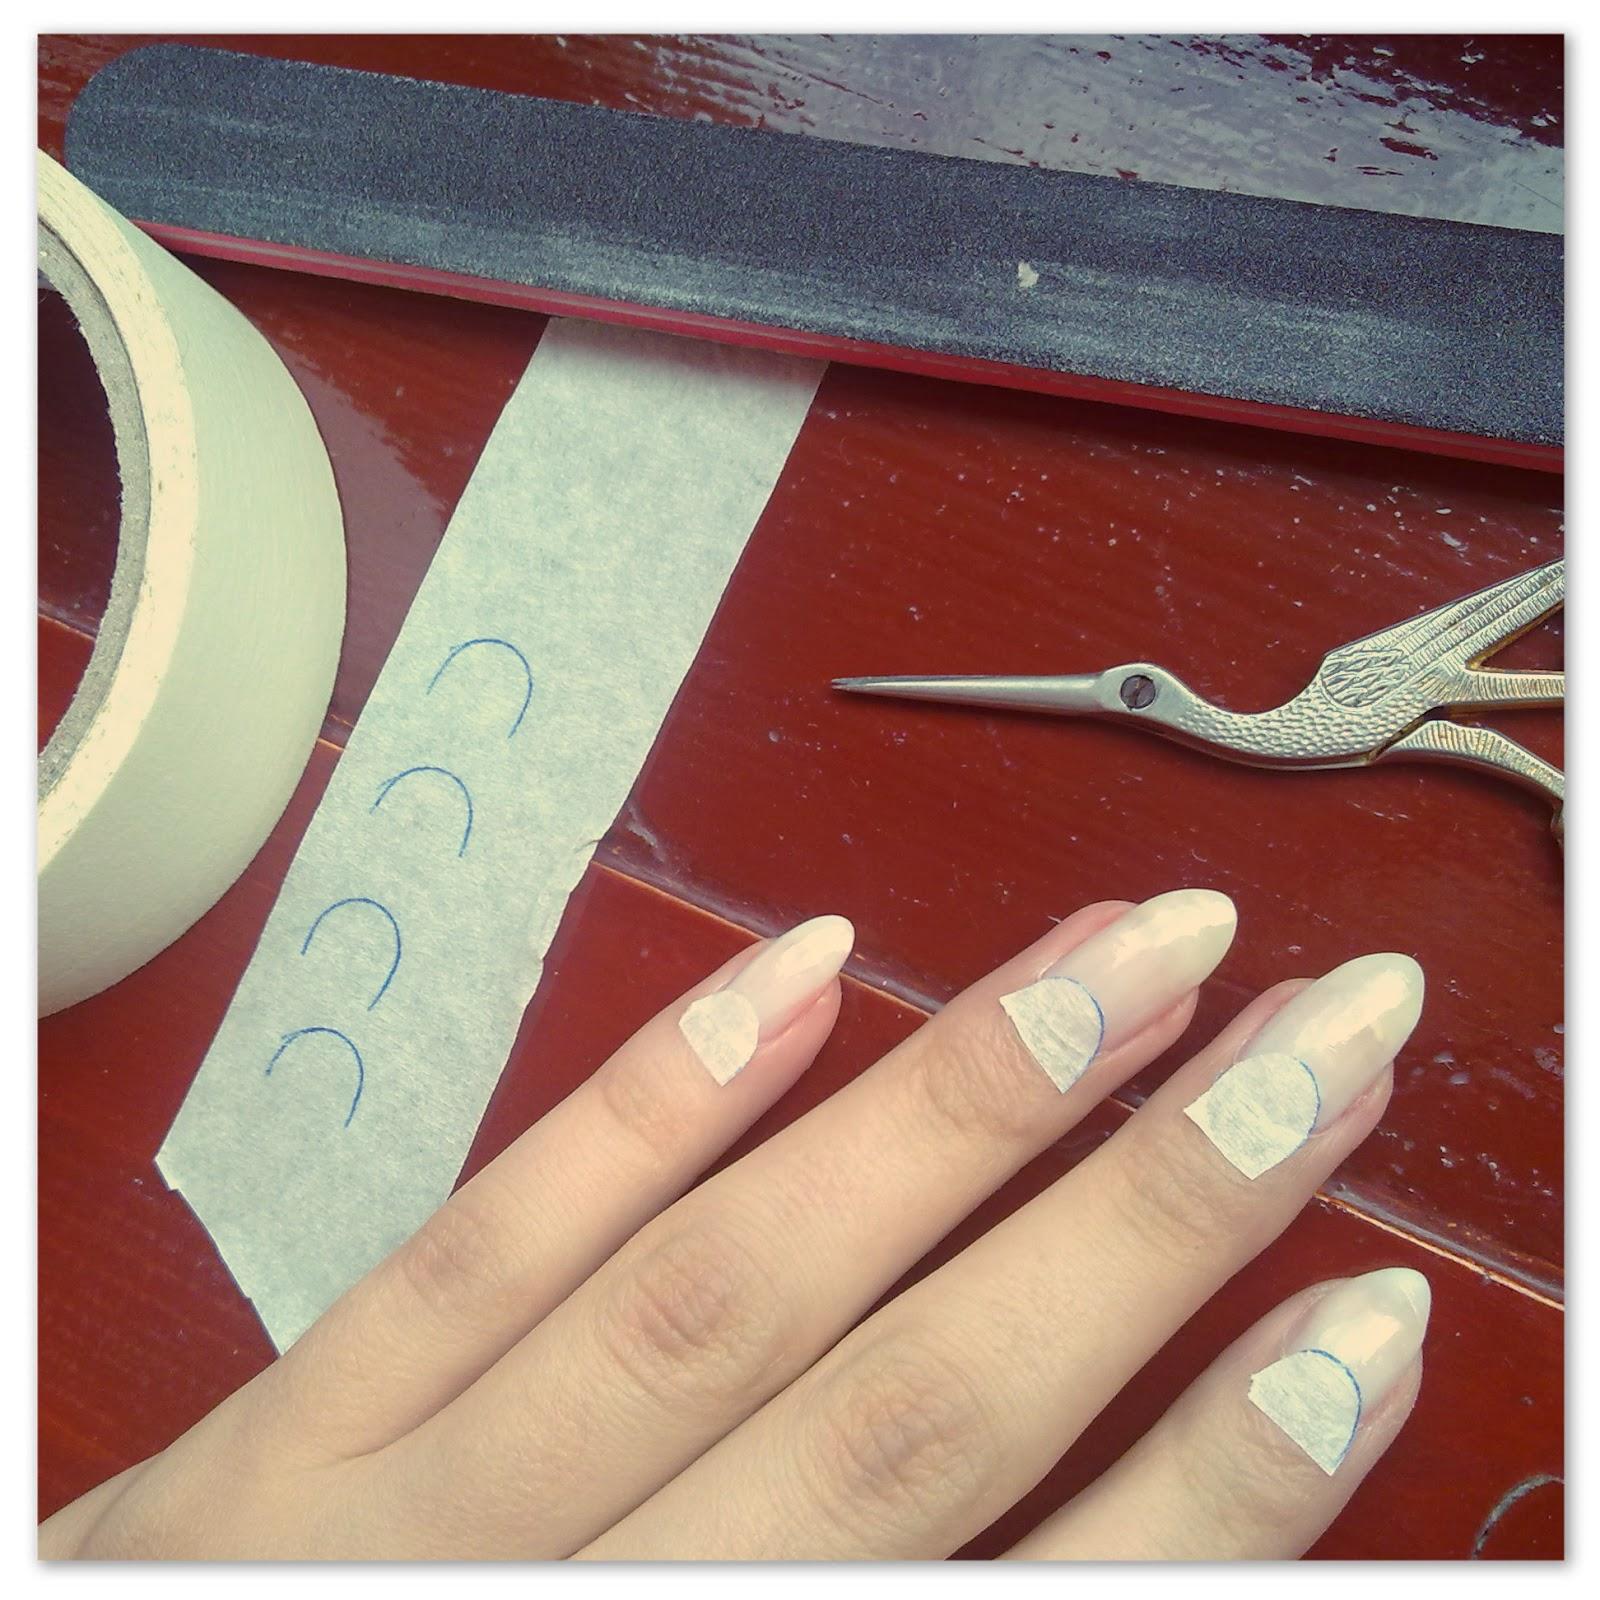 Idda van munster about my nails half moon step by step about my nails half moon step by step sciox Choice Image